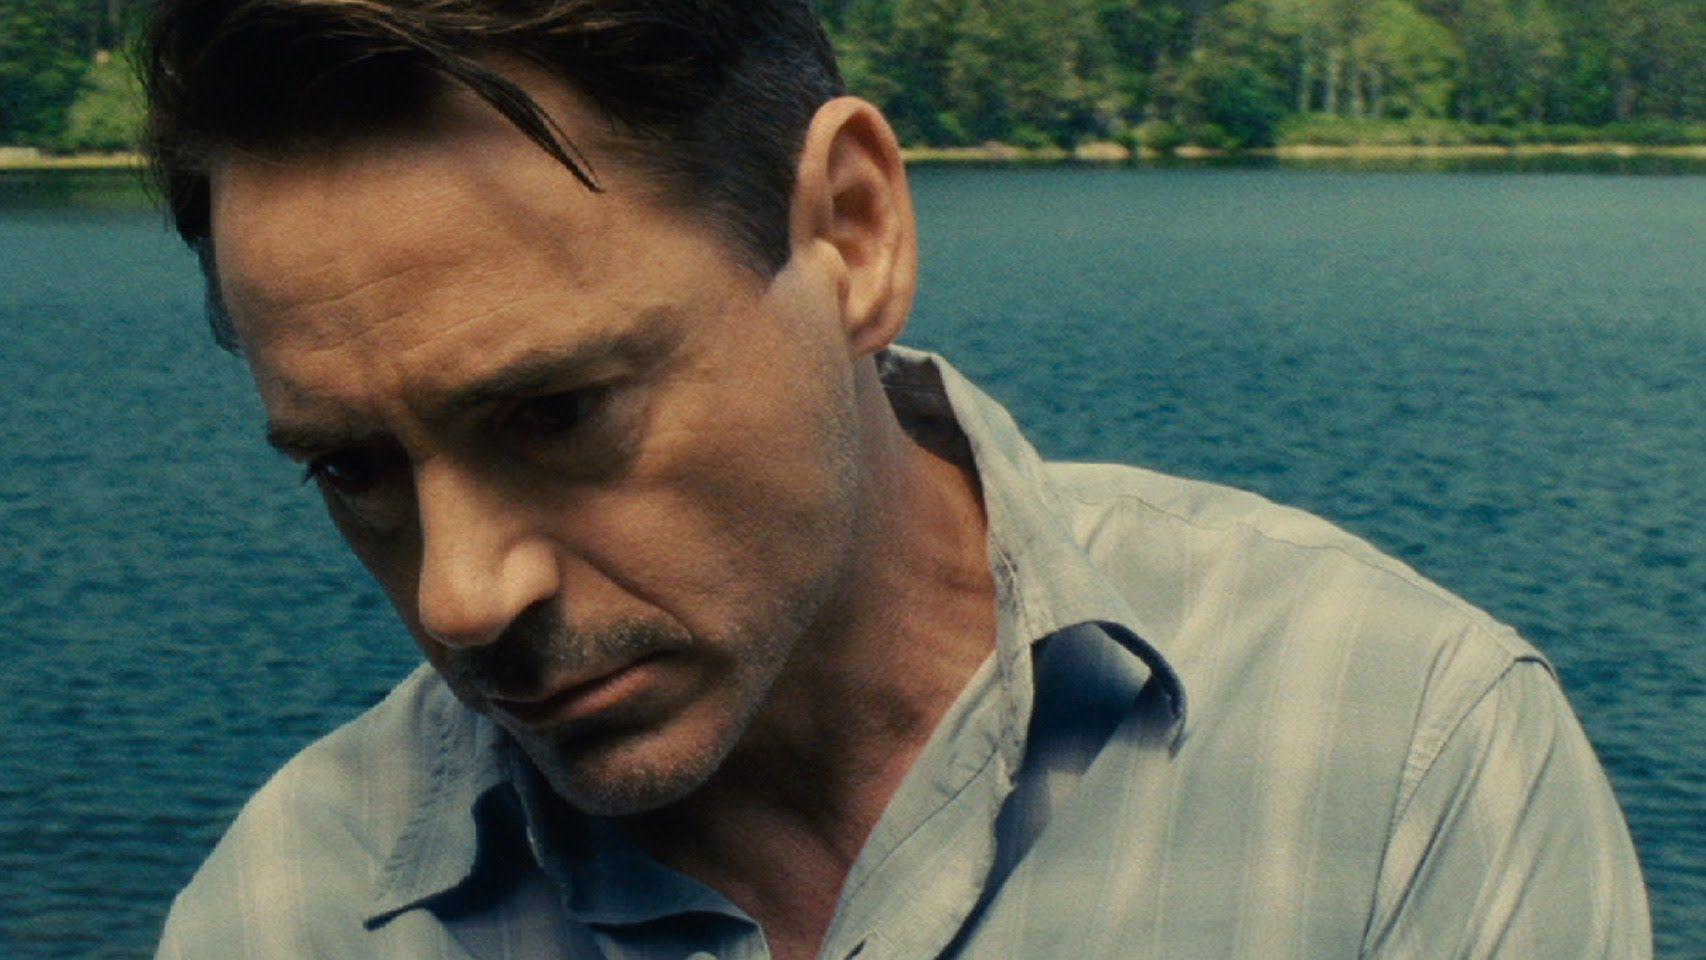 'The Judge' Trailer Robert downey jr, Robert duvall